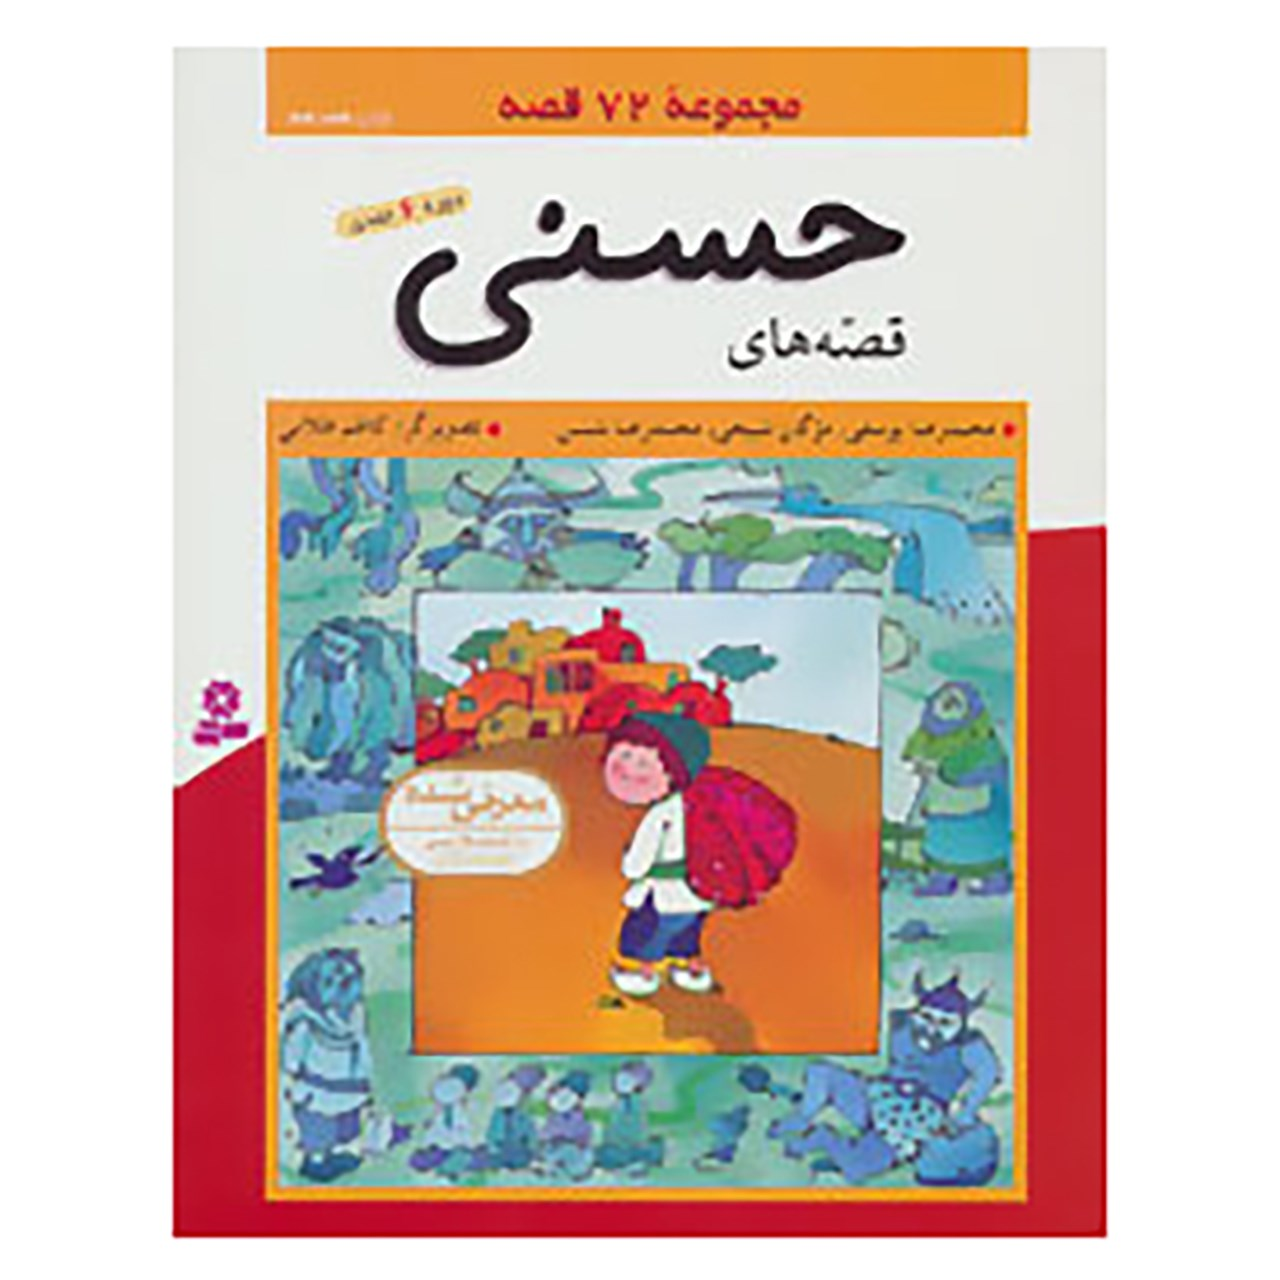 خرید                      کتاب مجموعه قصه های حسنی اثر محمدرضا یوسفی و دیگران